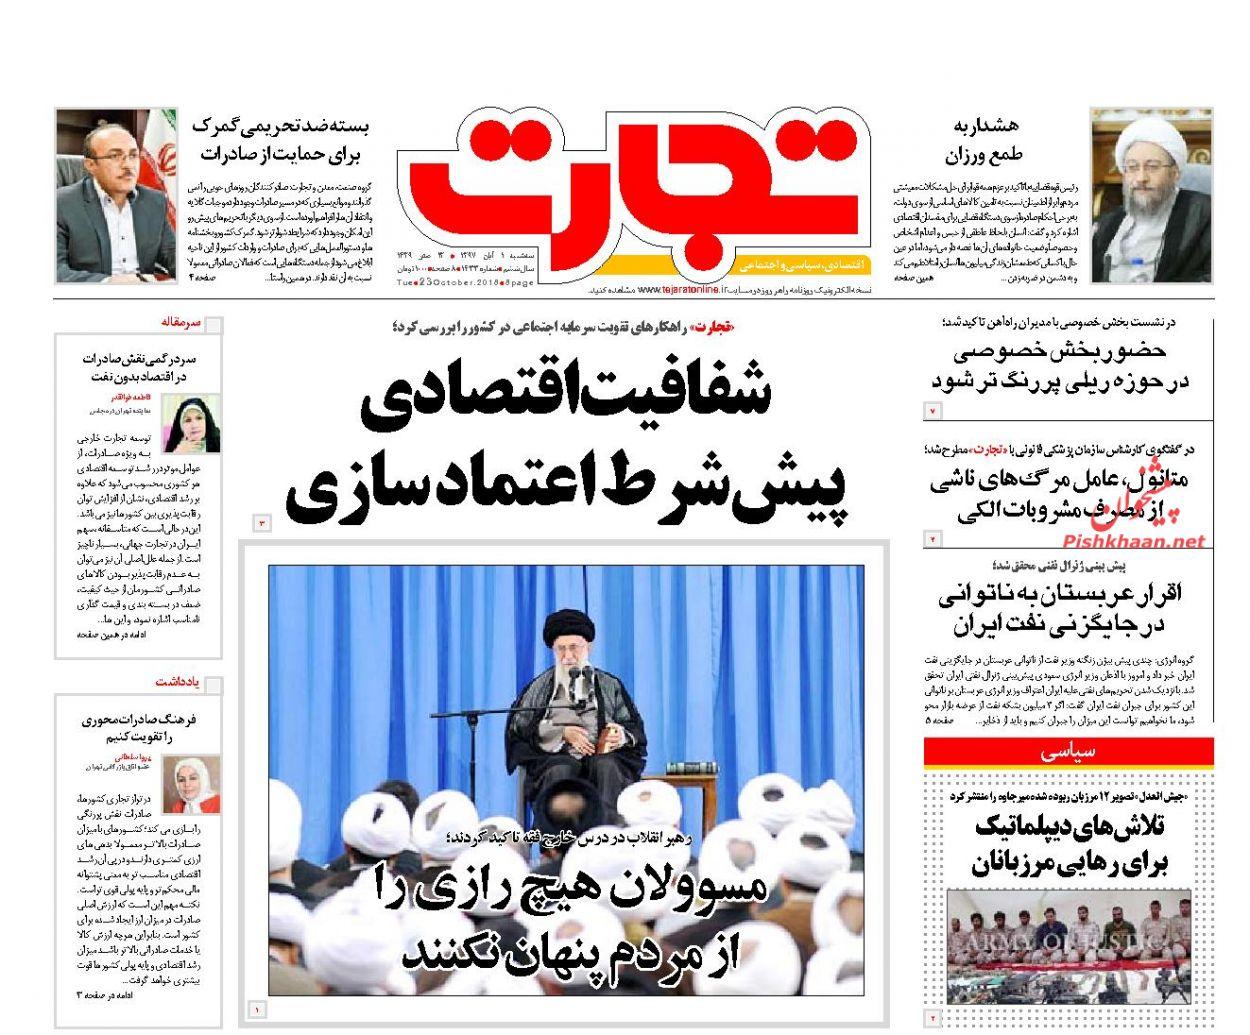 صفحه نخست روزنامه های اقتصادی 1 آبان ماه